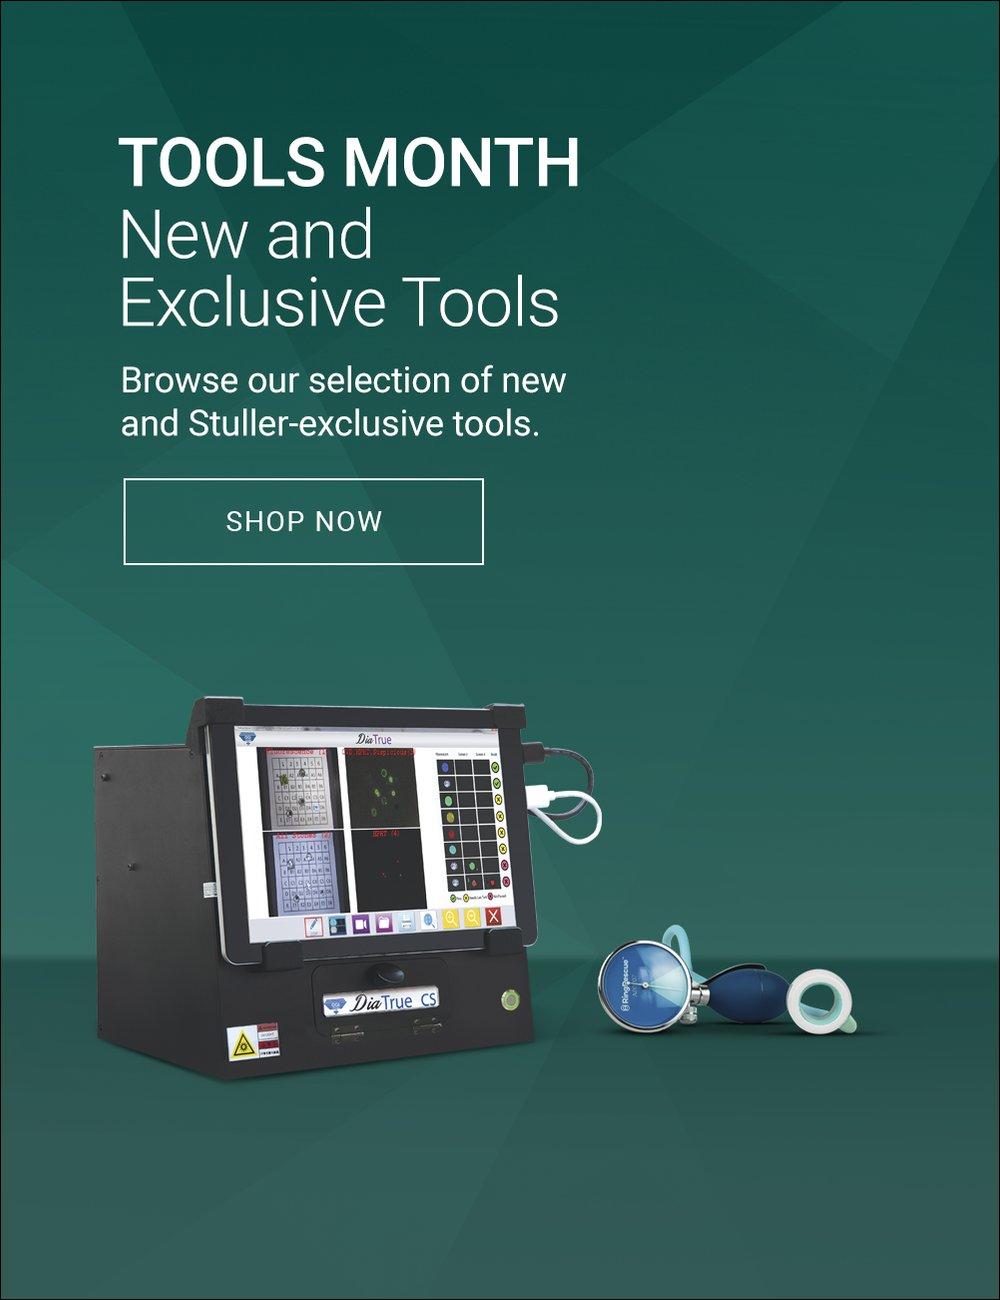 Tools Month Week 2